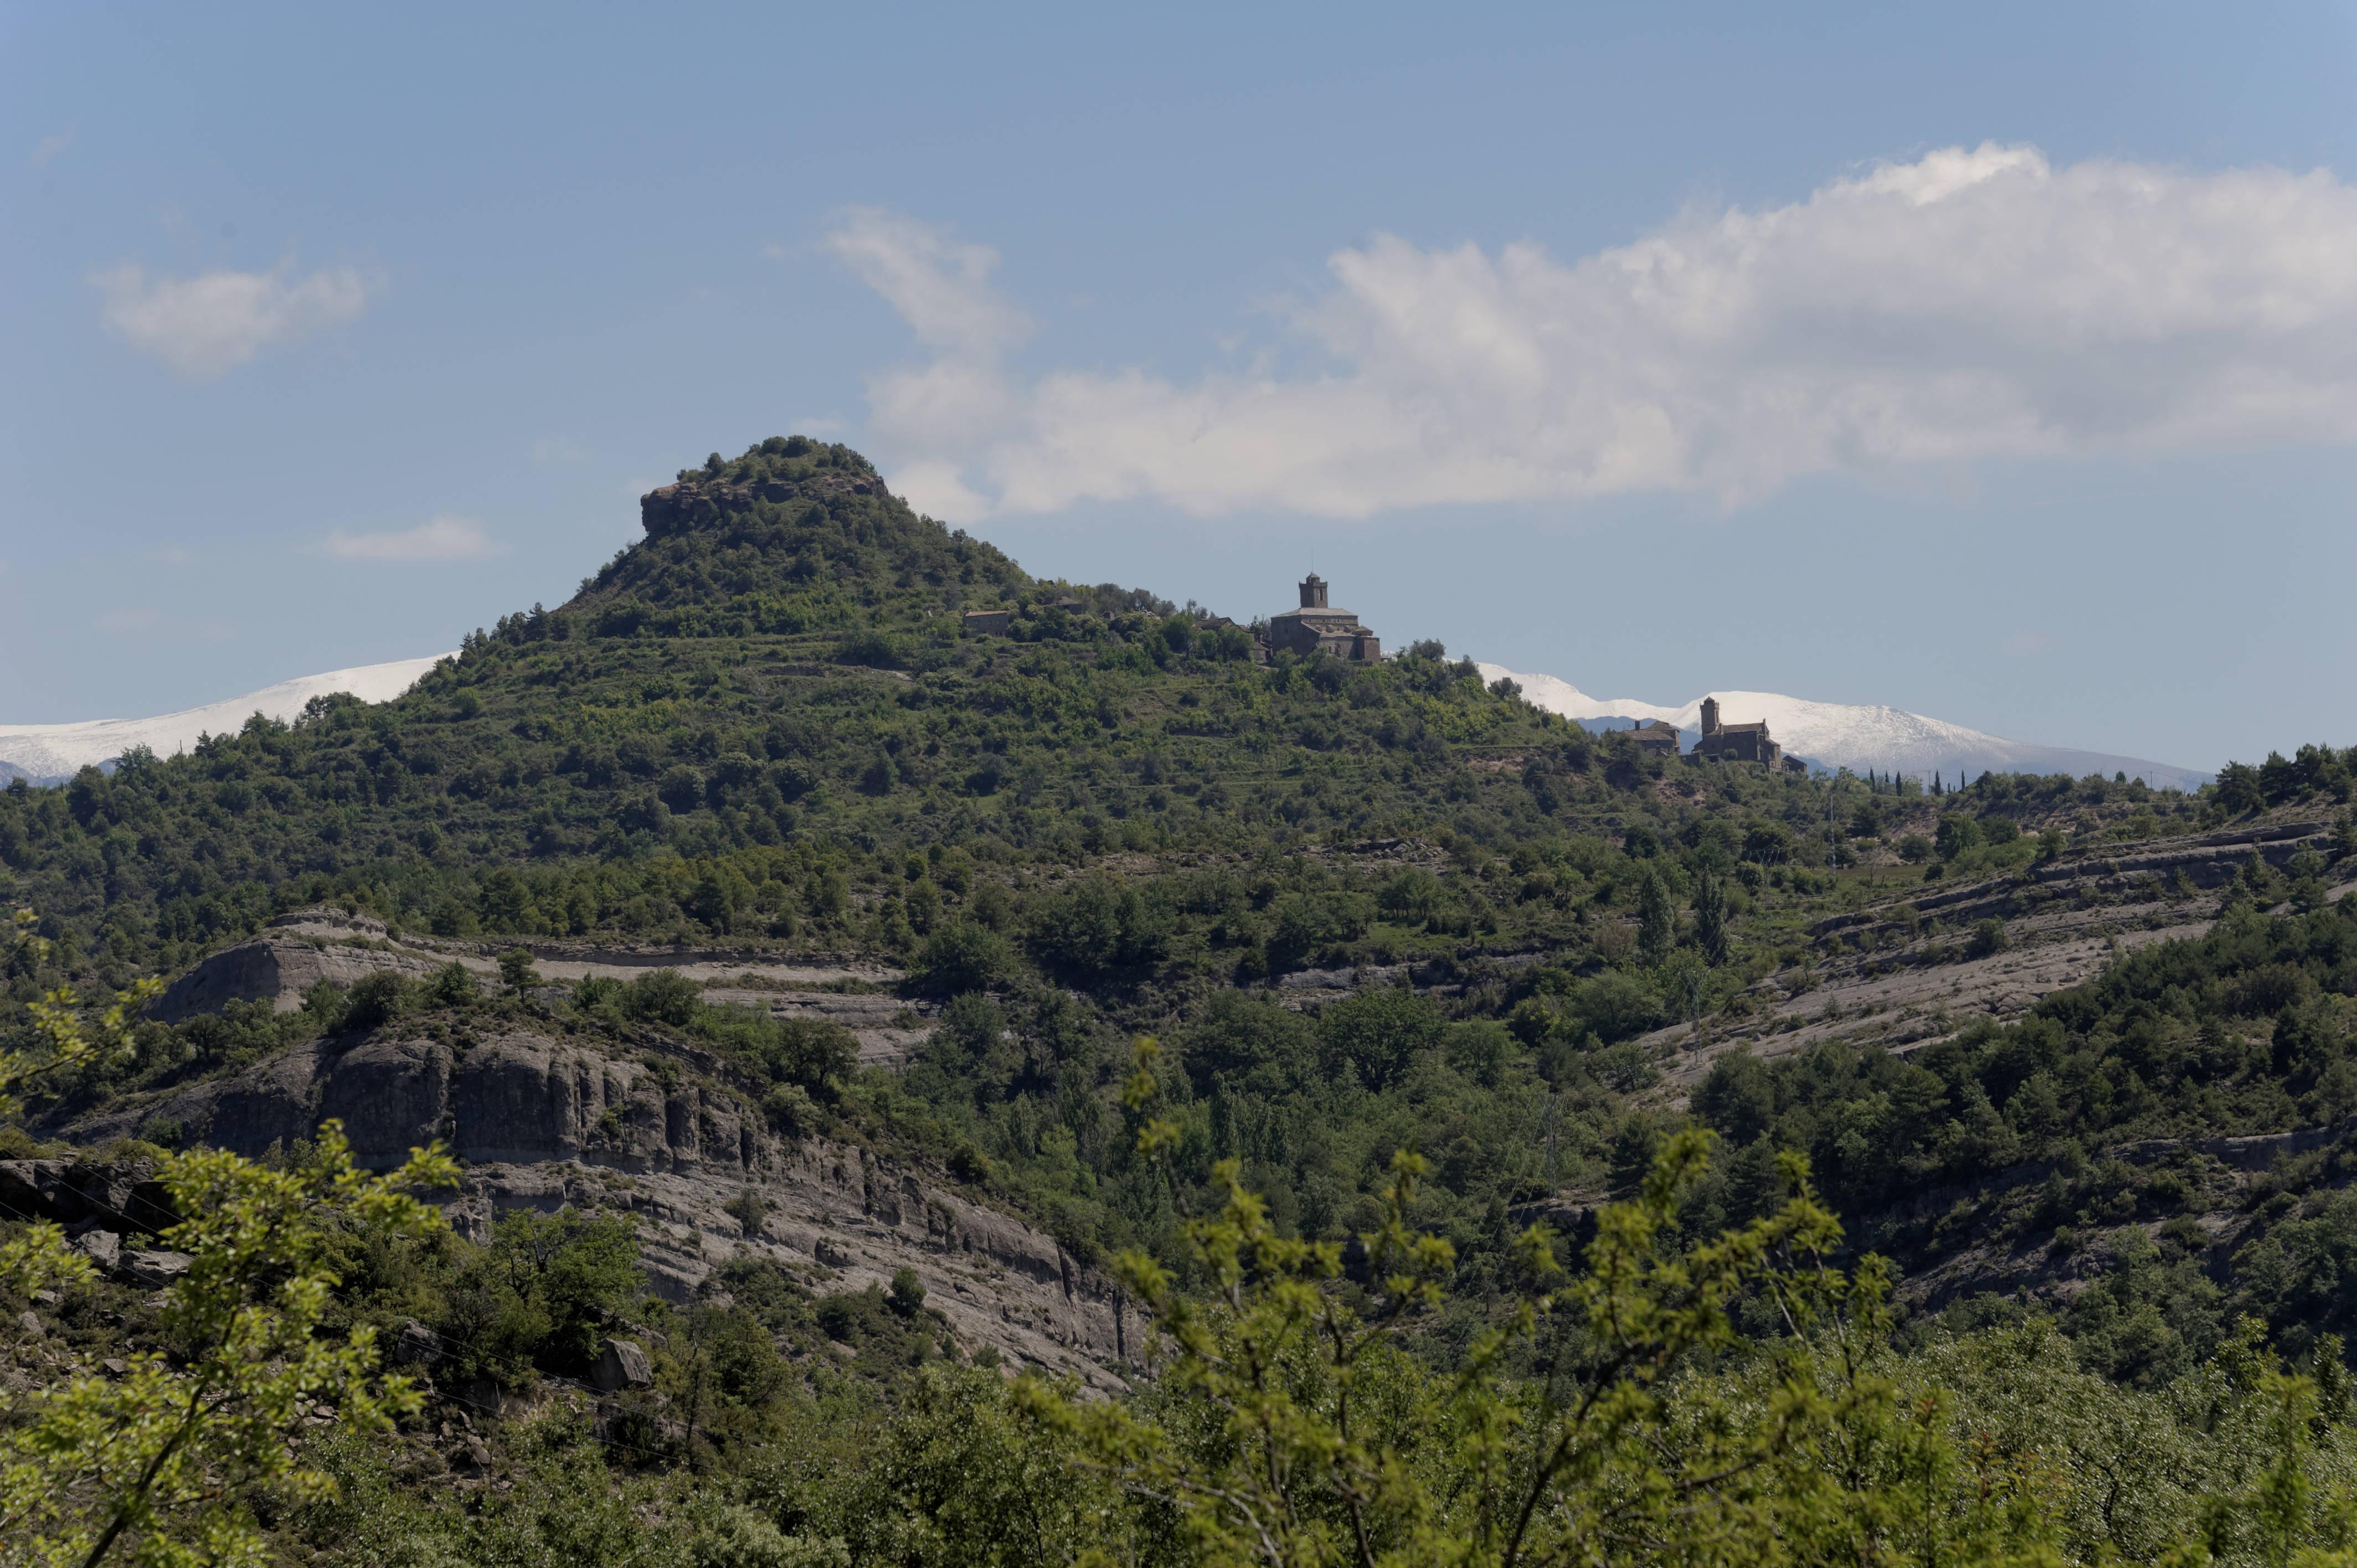 6727_San Martin de Buil vue de Urdiales (Sobrarbe)